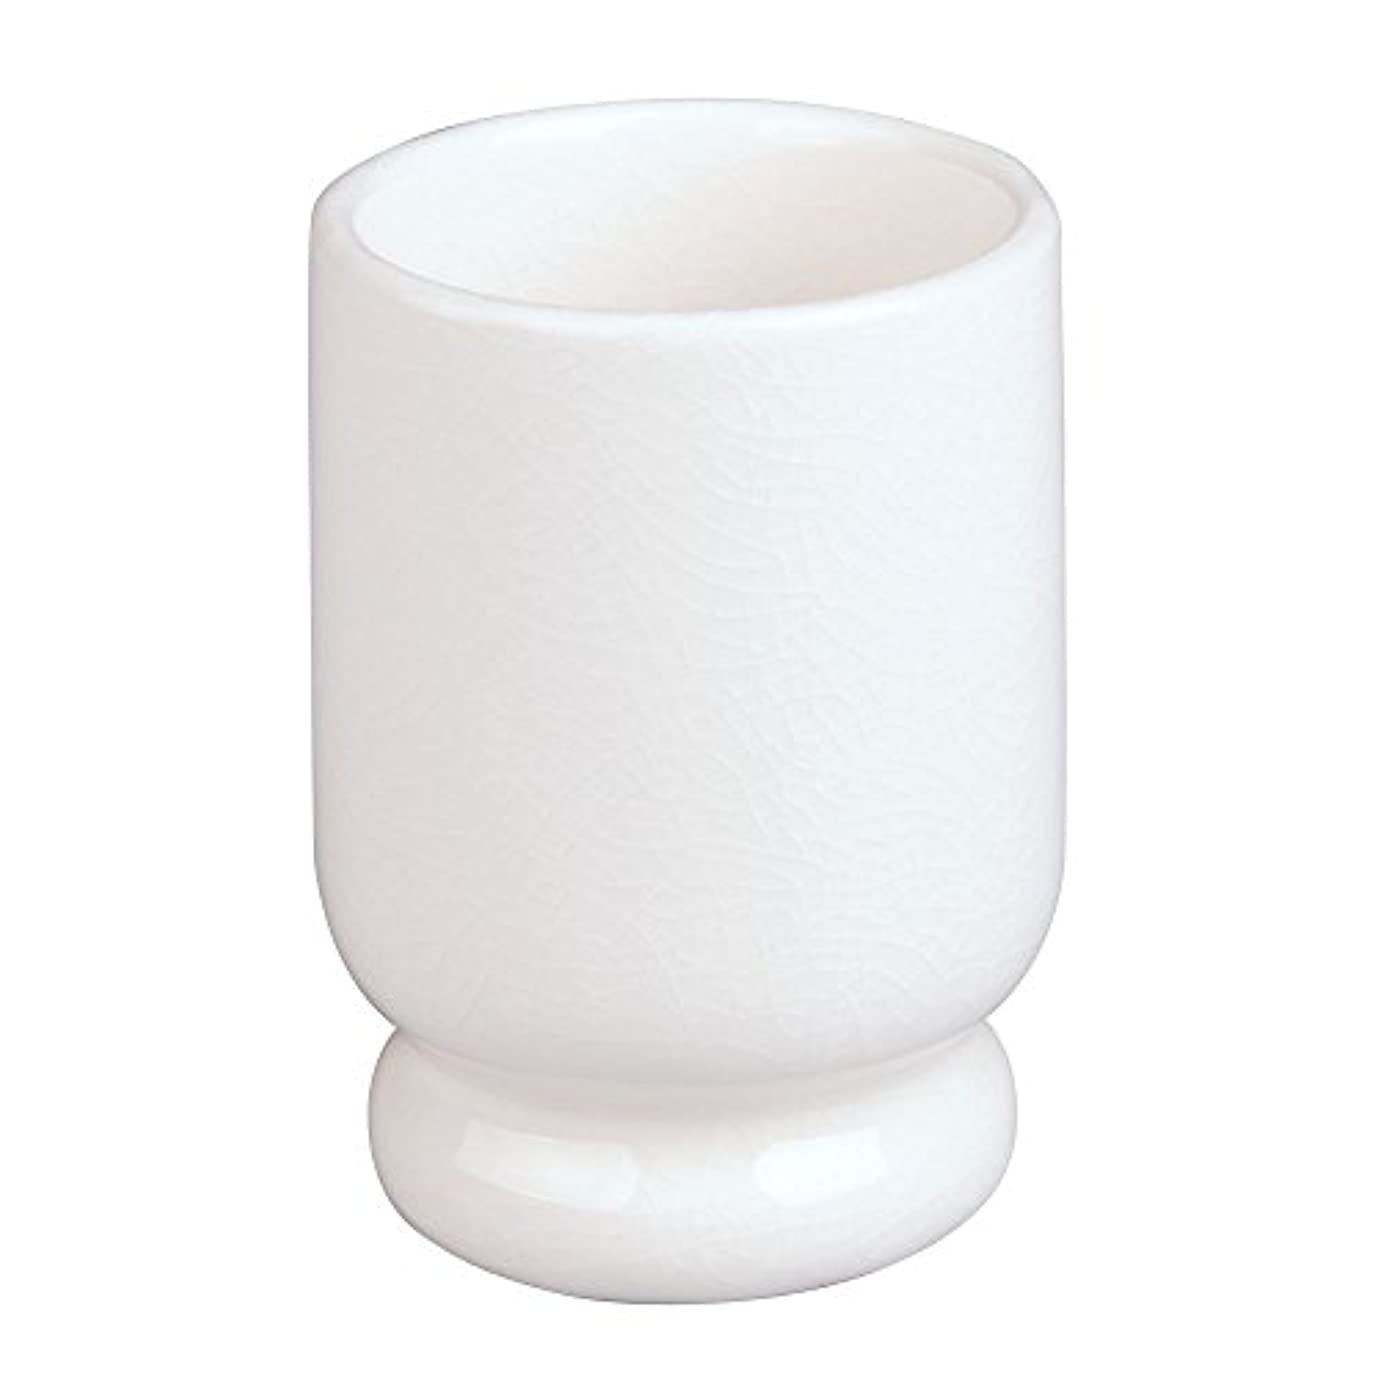 実質的にクランシー好意的InterDesign Creme Tumbler, Crackle/Ceramic